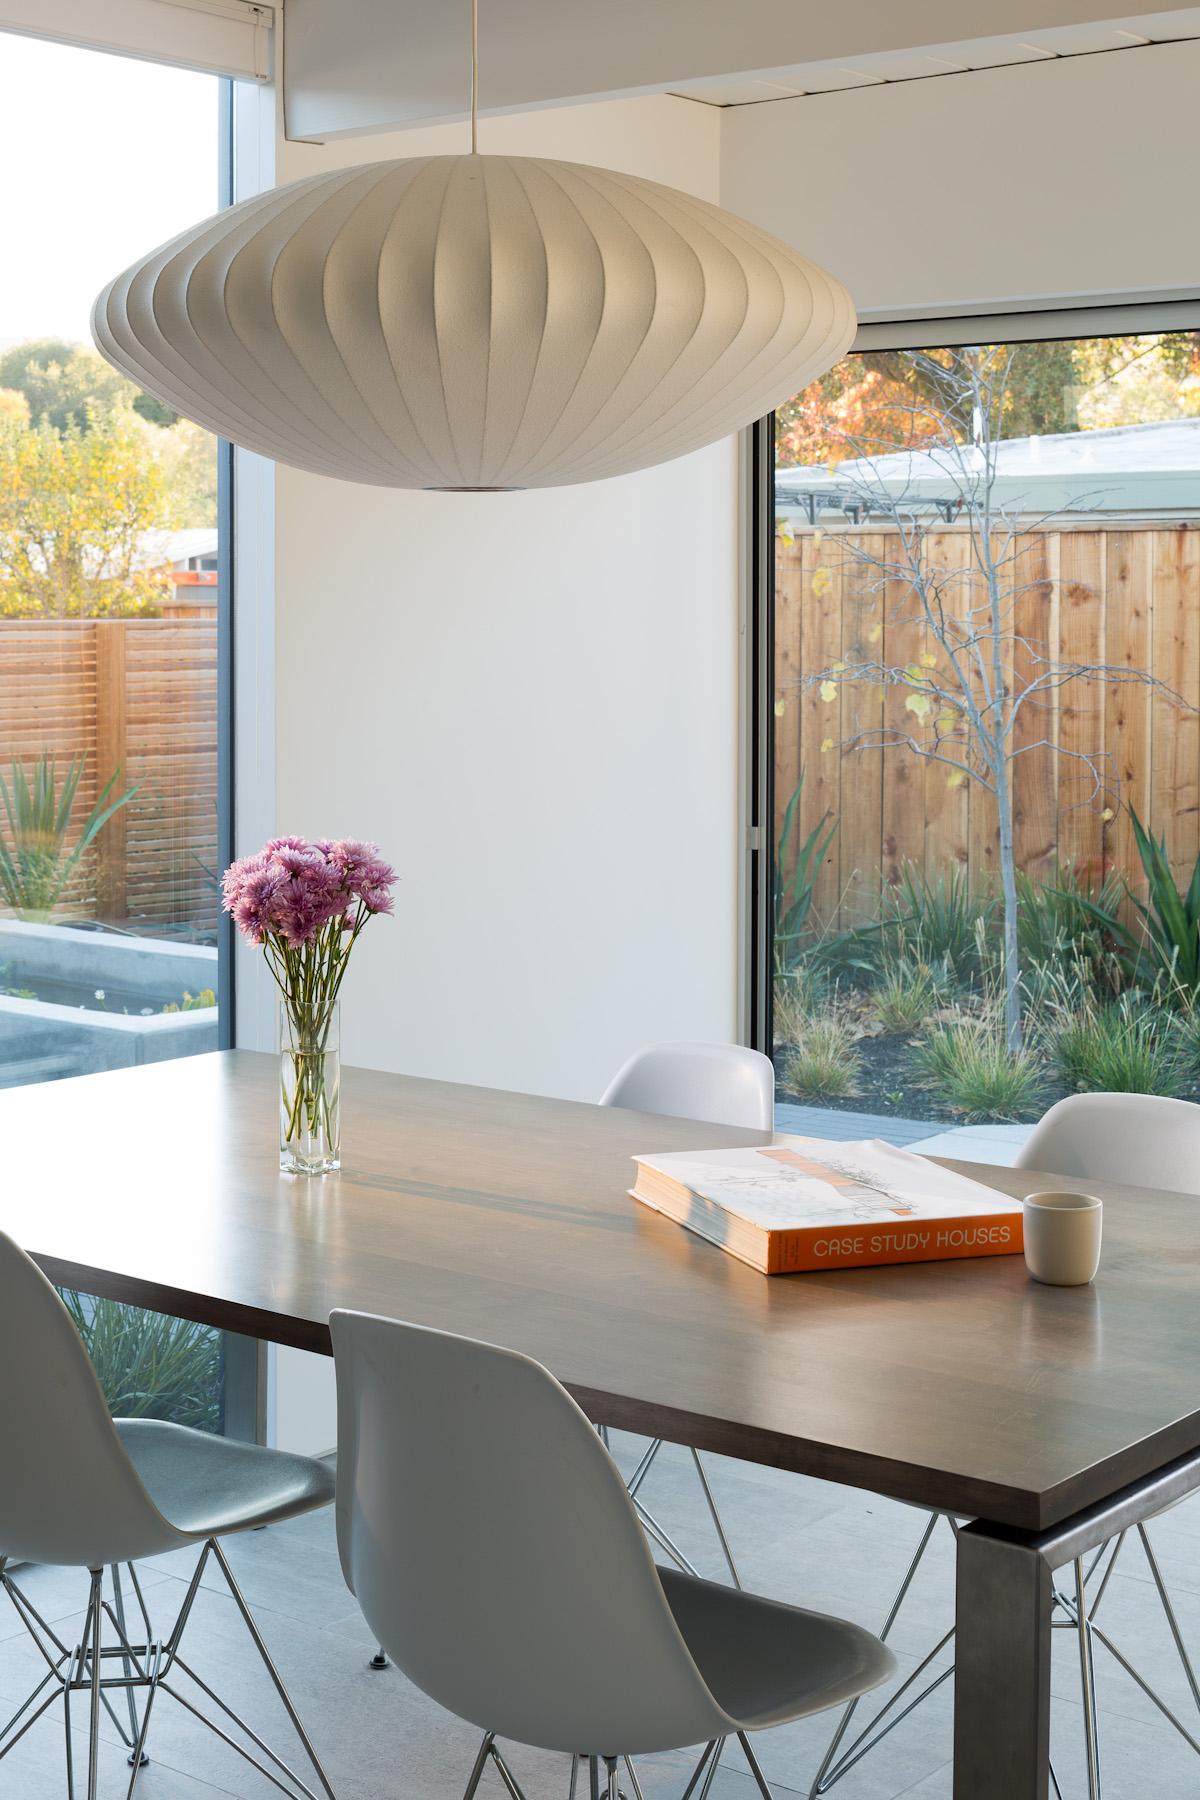 Просторная и светлая столовая с большой площадью остекления. Деревянная ограда добавляет приватности